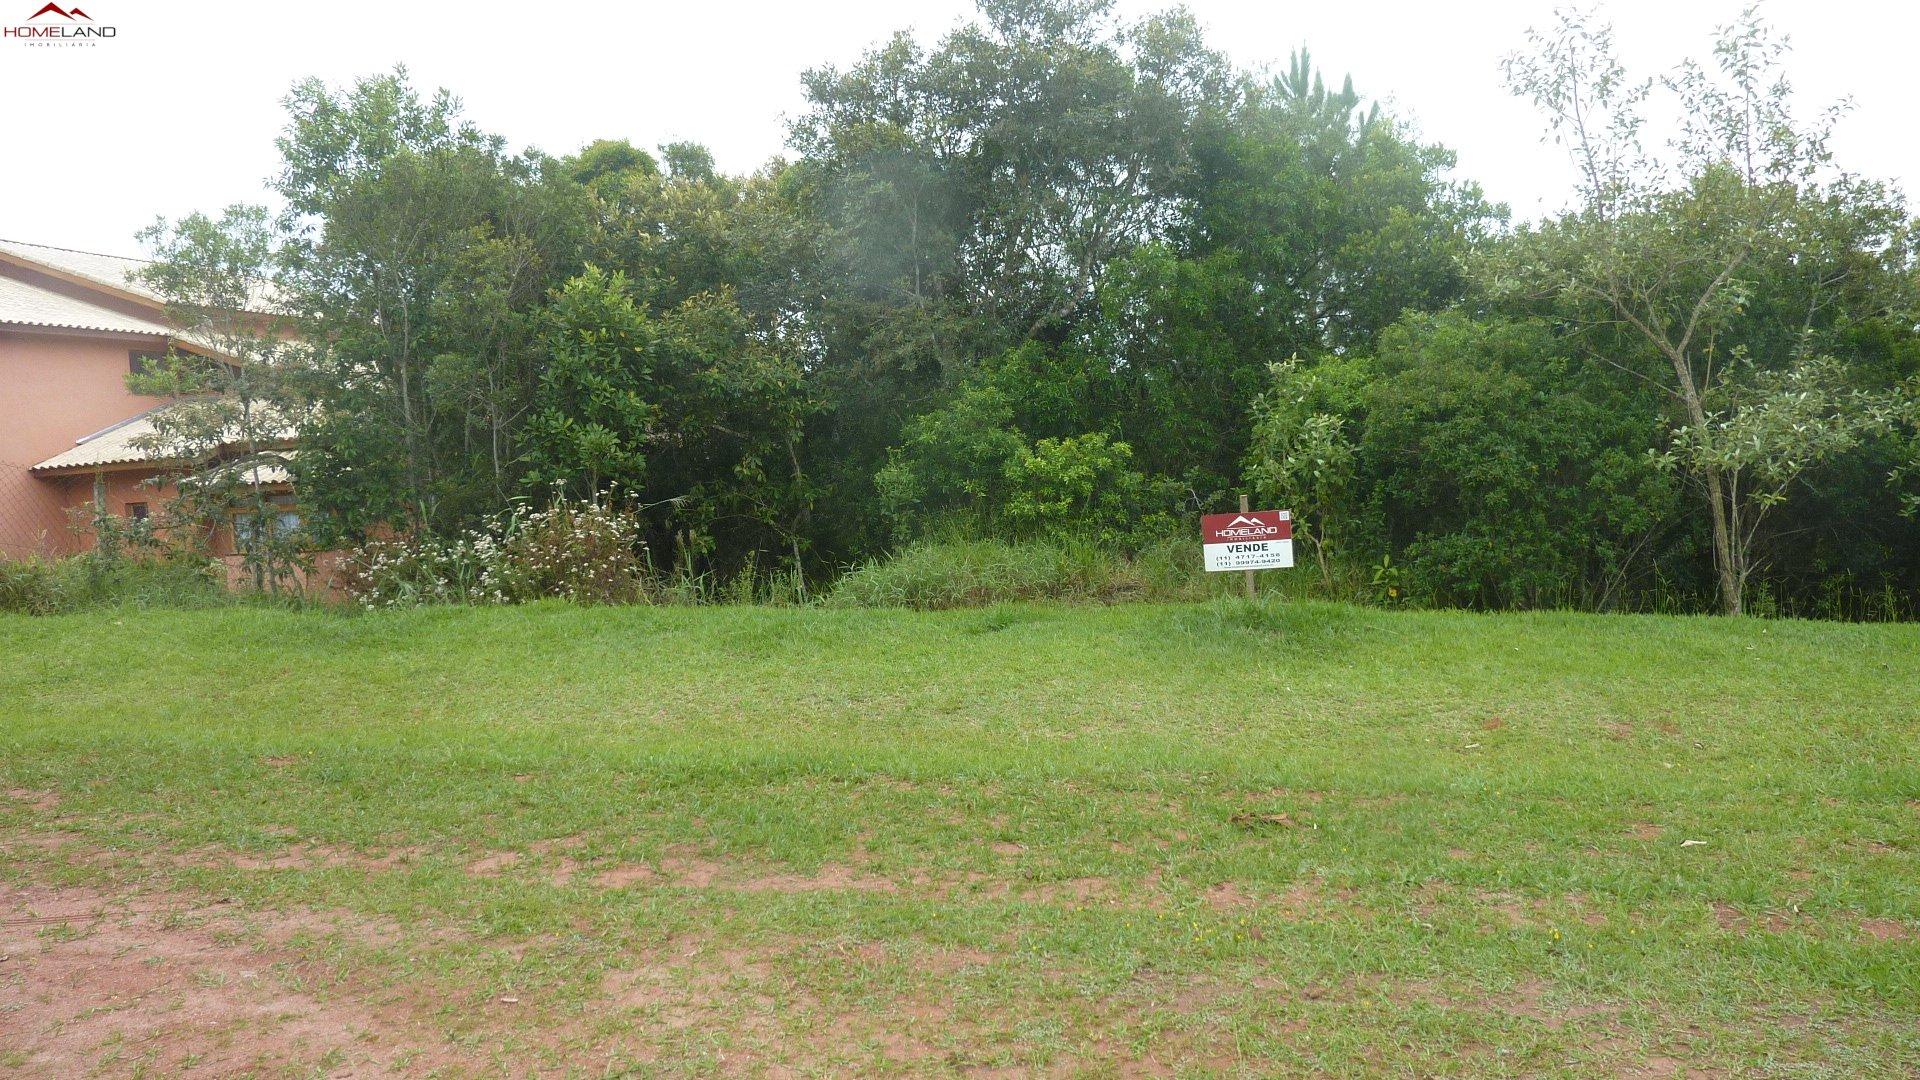 HL-163 Ótimo terreno de 1500 m² com linda vista no Patrimônio do Carmo, apenas R$ 120 mil